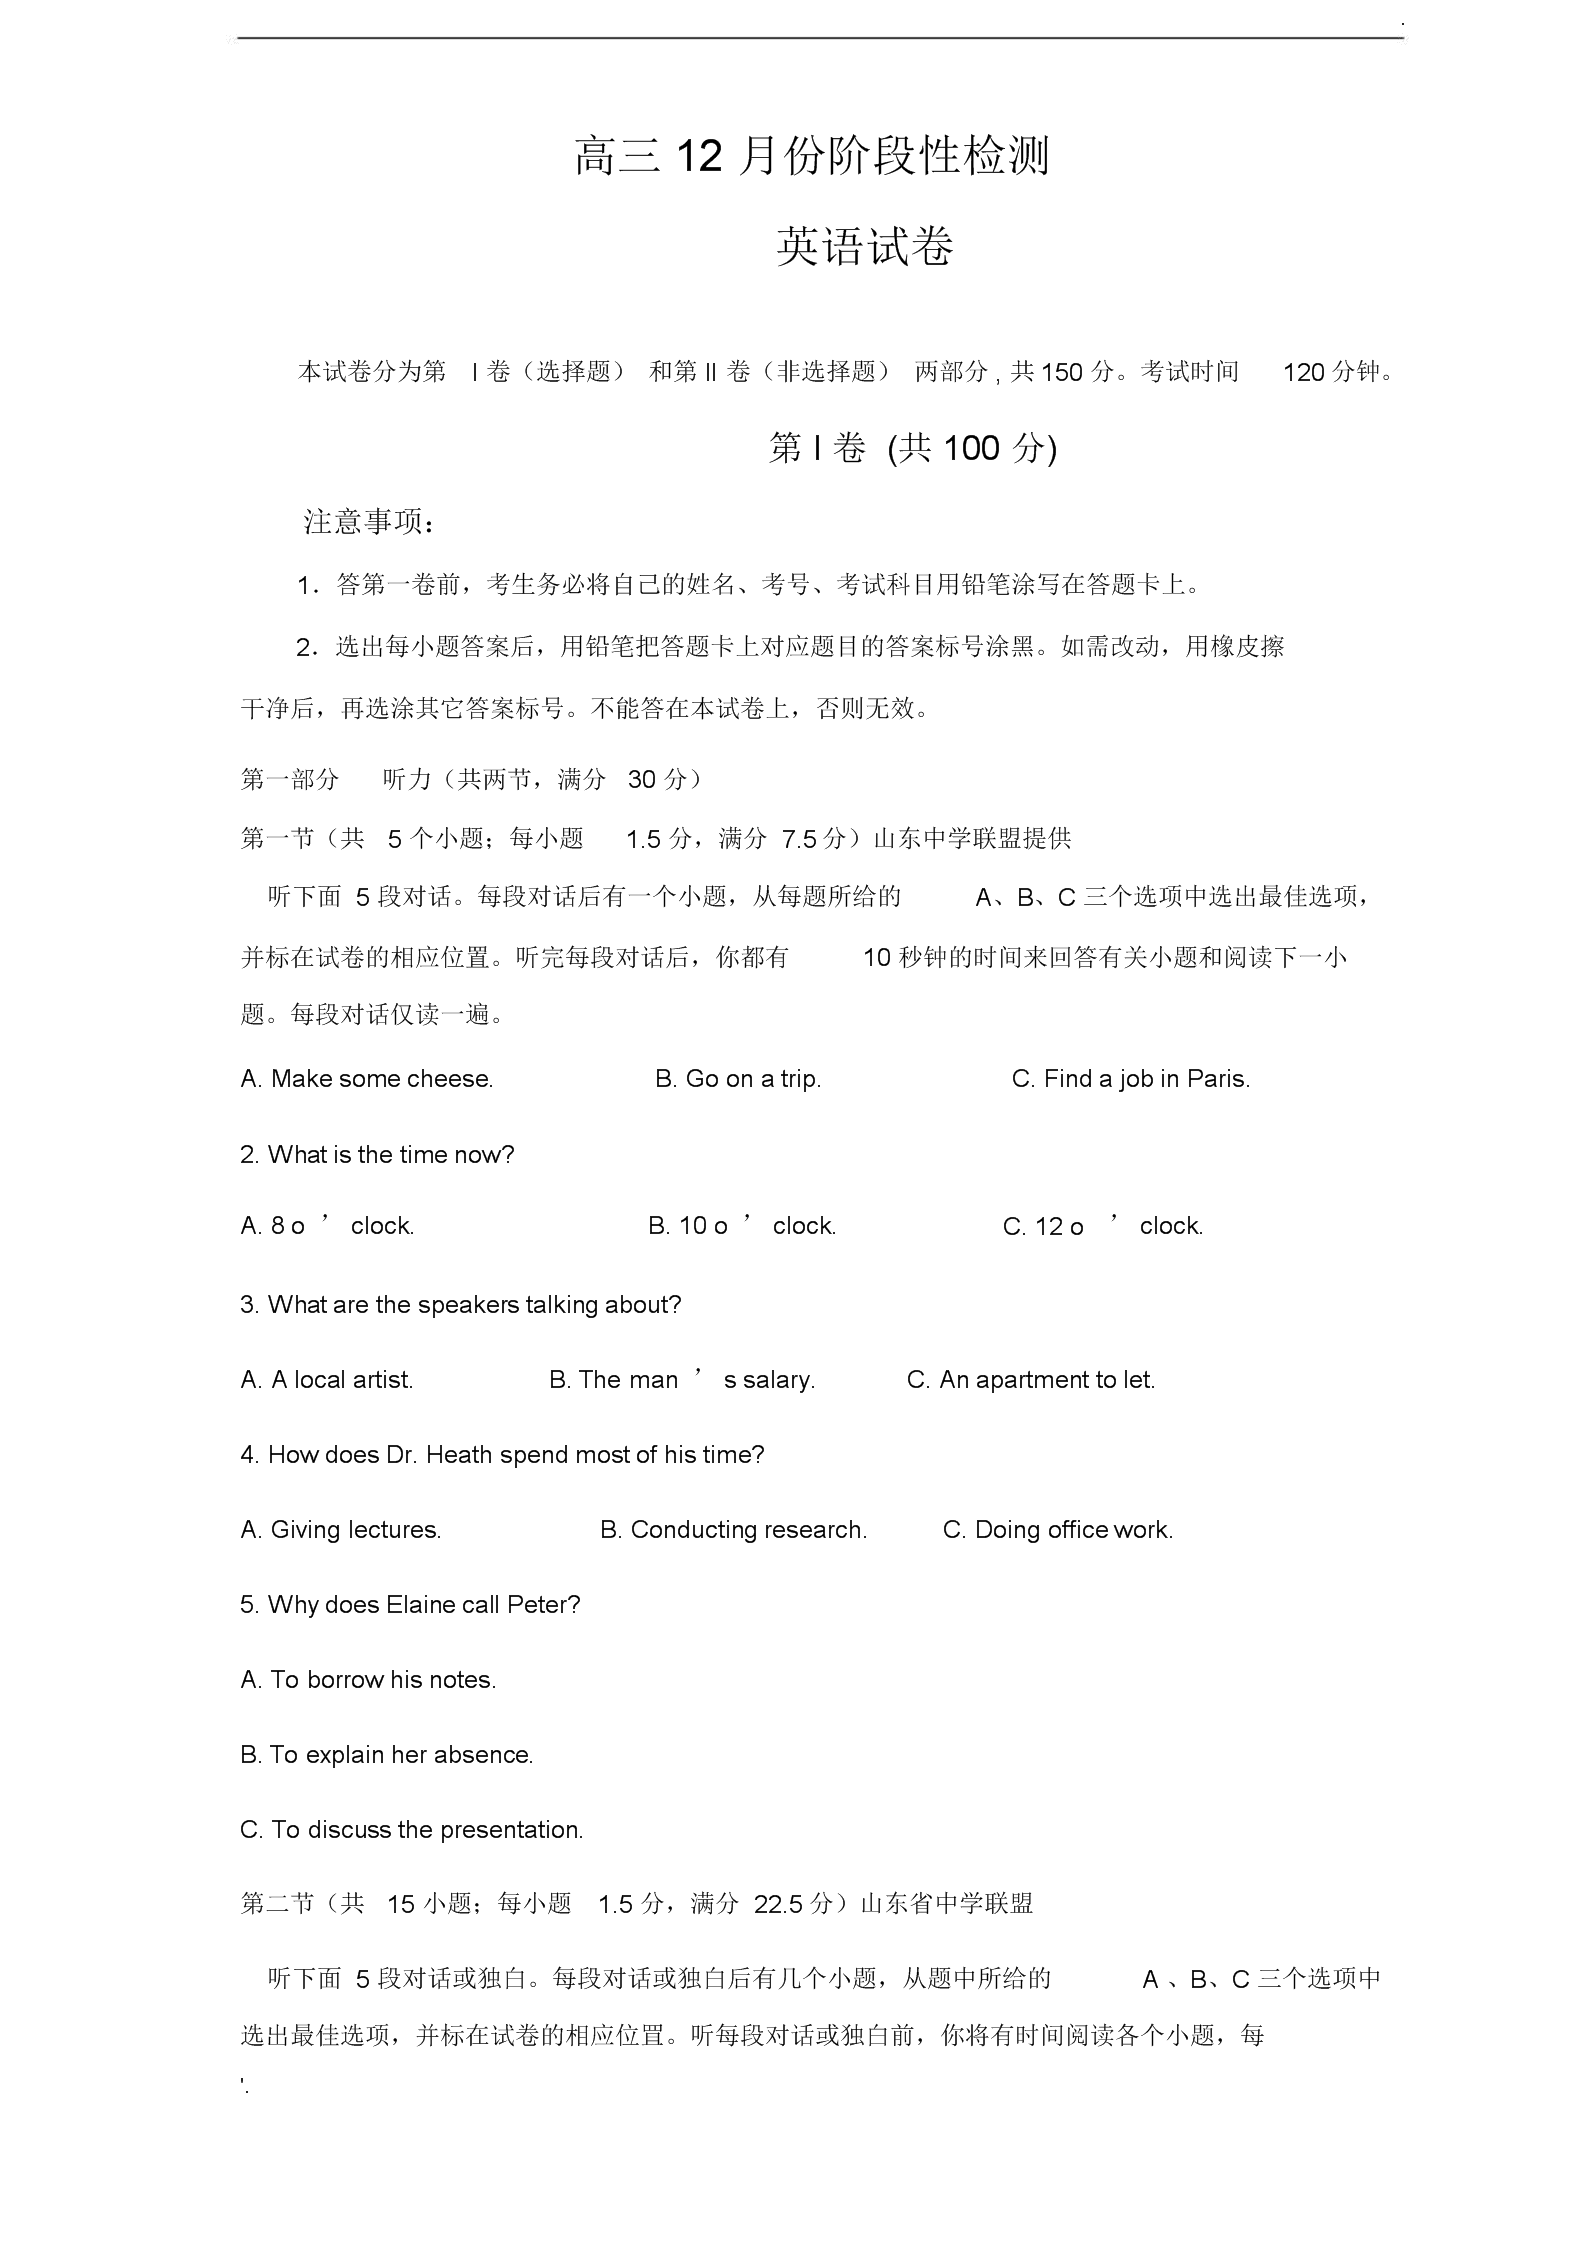 潍坊一中2017届高三12月阶段性检测试题英语.docx